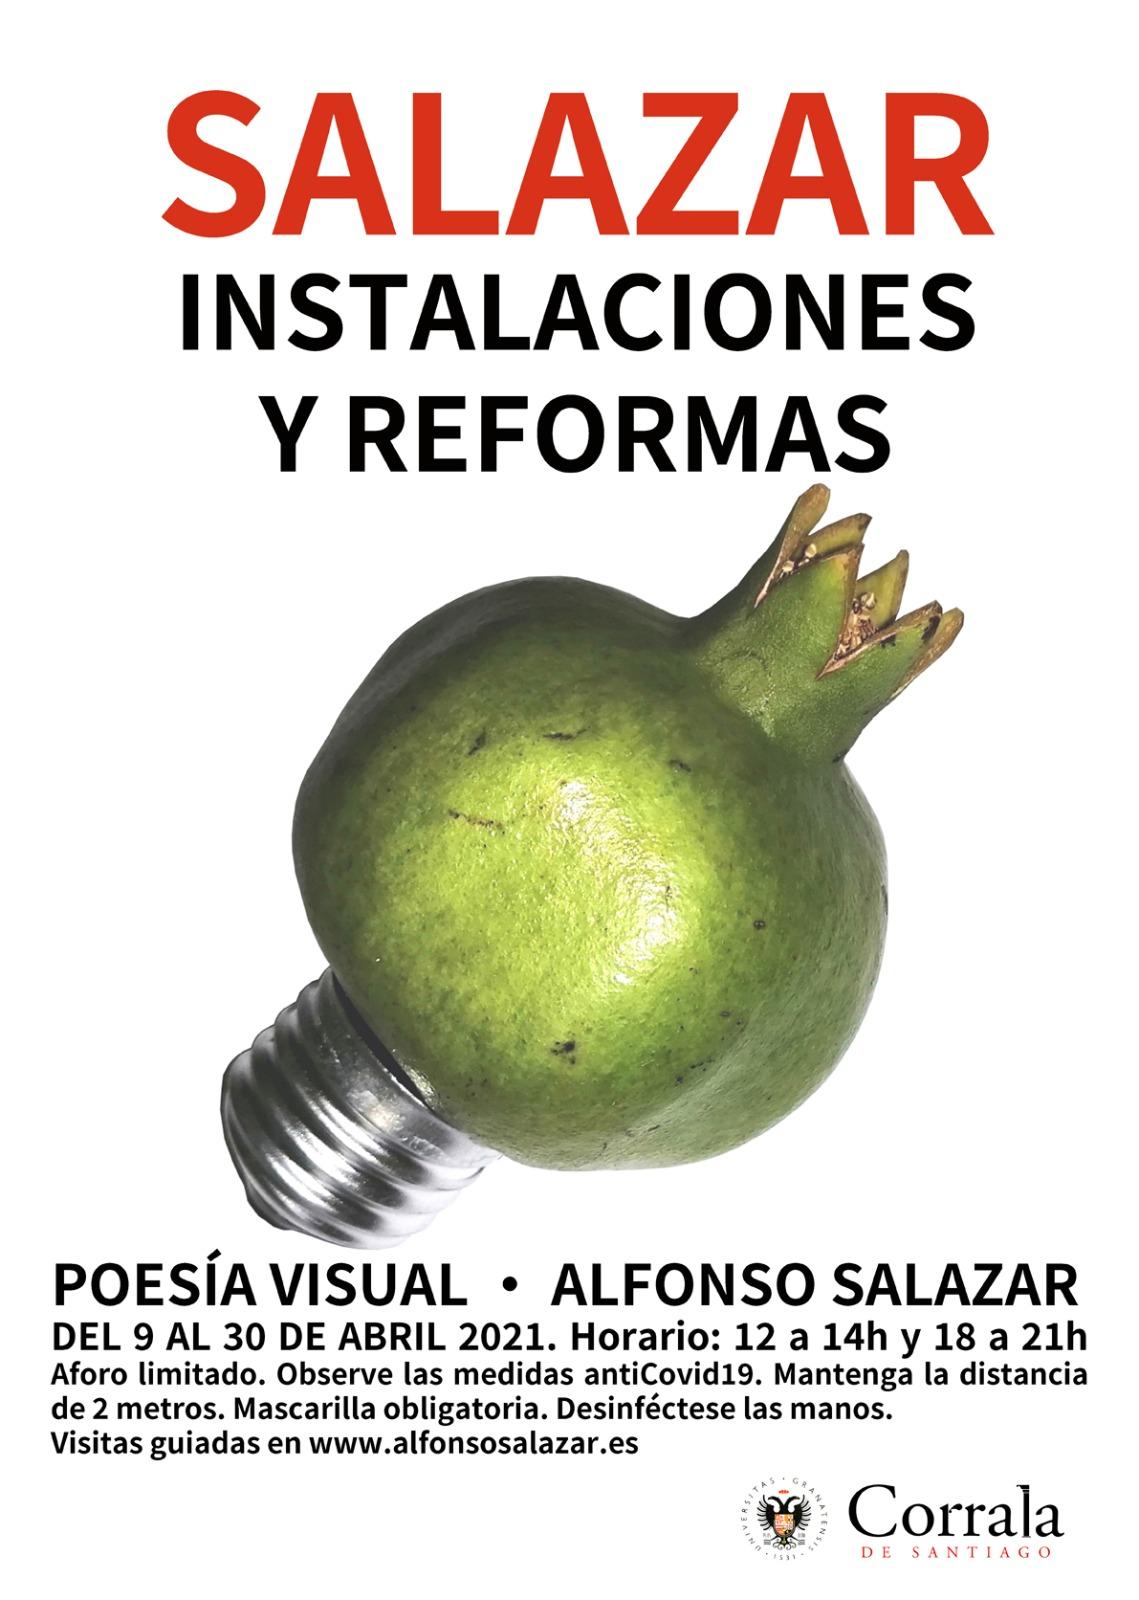 El creador Alfonso Salazar expone en La Corrala de Santiago sus poemas visuales: «Salazar Instalaciones y Reformas»